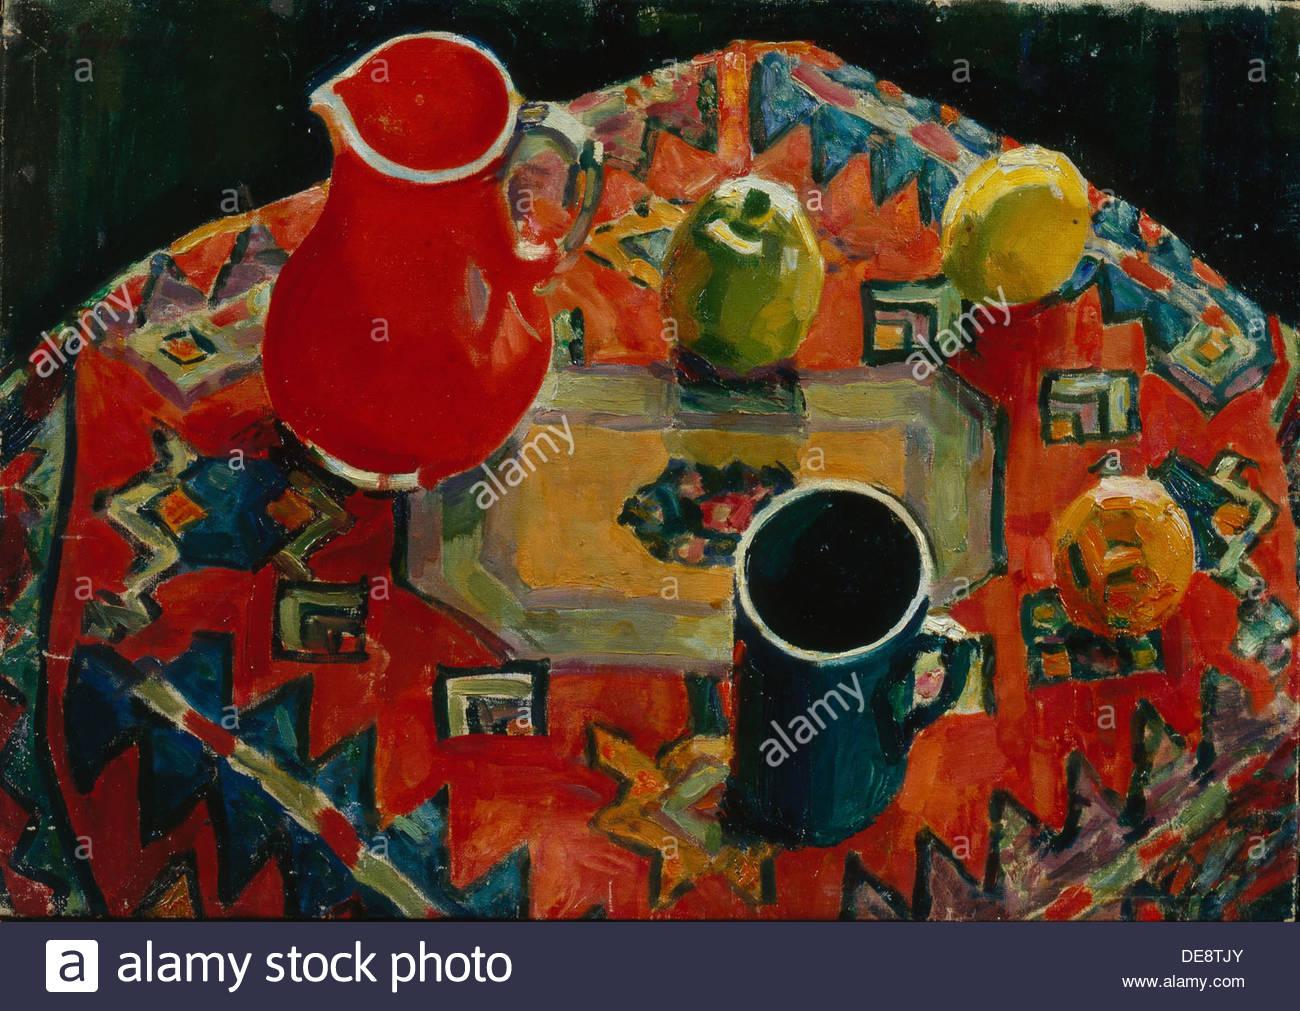 Apples and Pears, 1930. Artist: Razumovskaya, Julia (1896-1987) - Stock Image